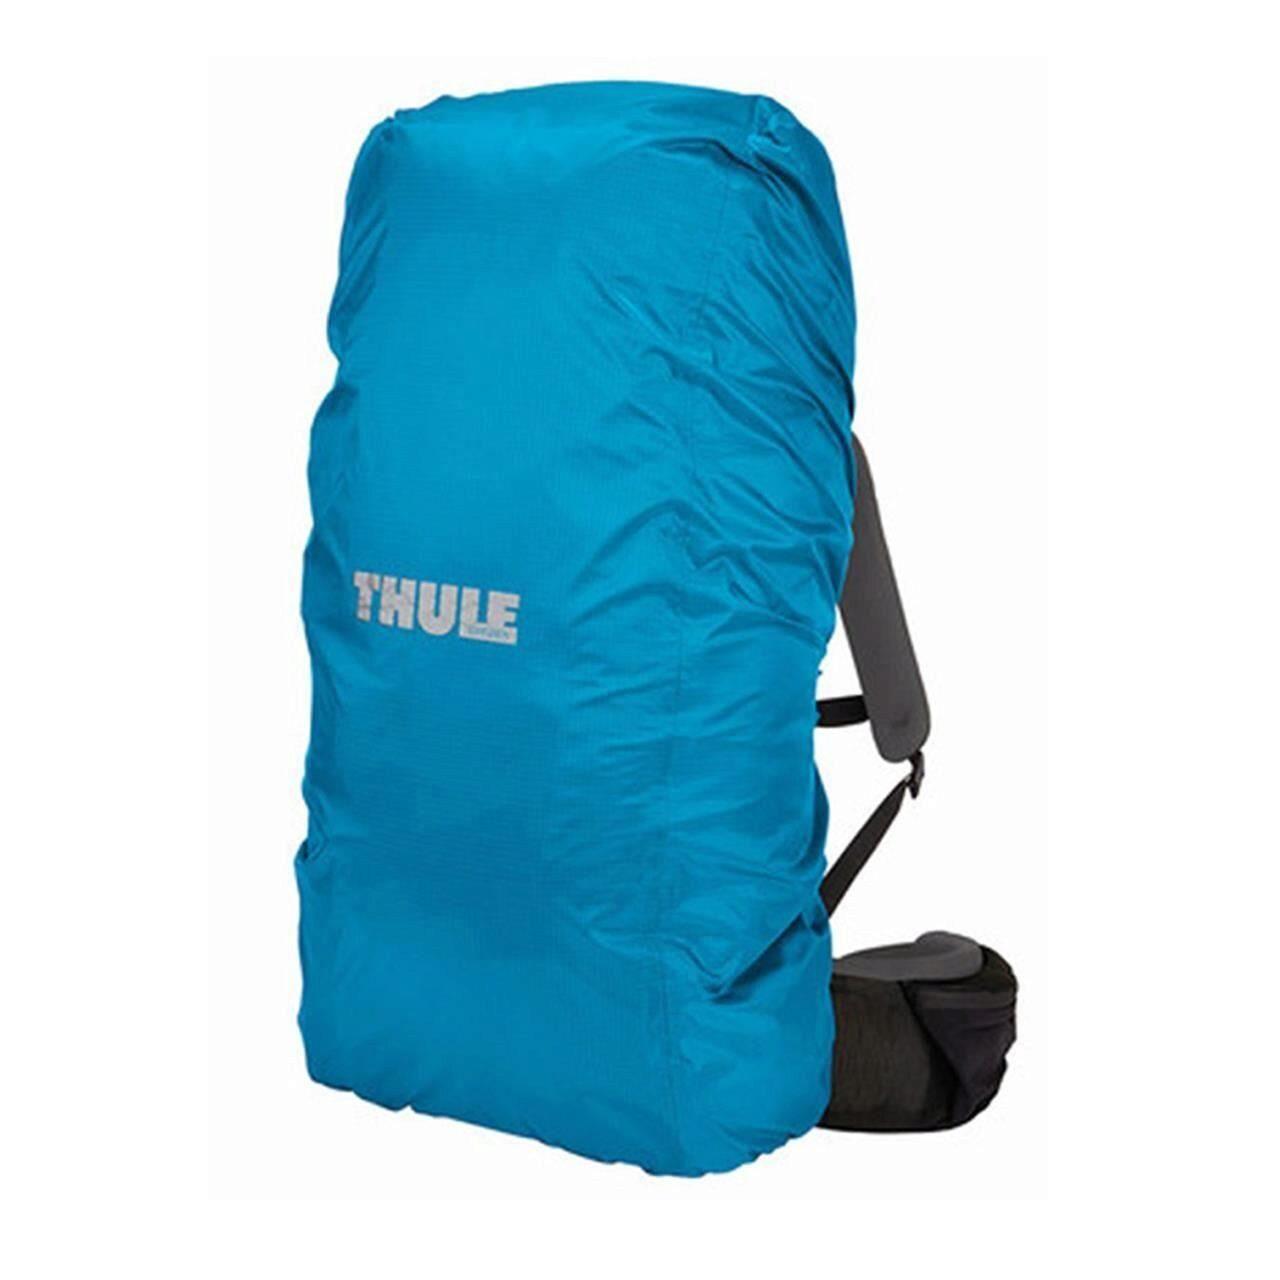 Husa de protectie ploaie pentru rucsacuri Thule 75-95L Rain Cover Thule Blue